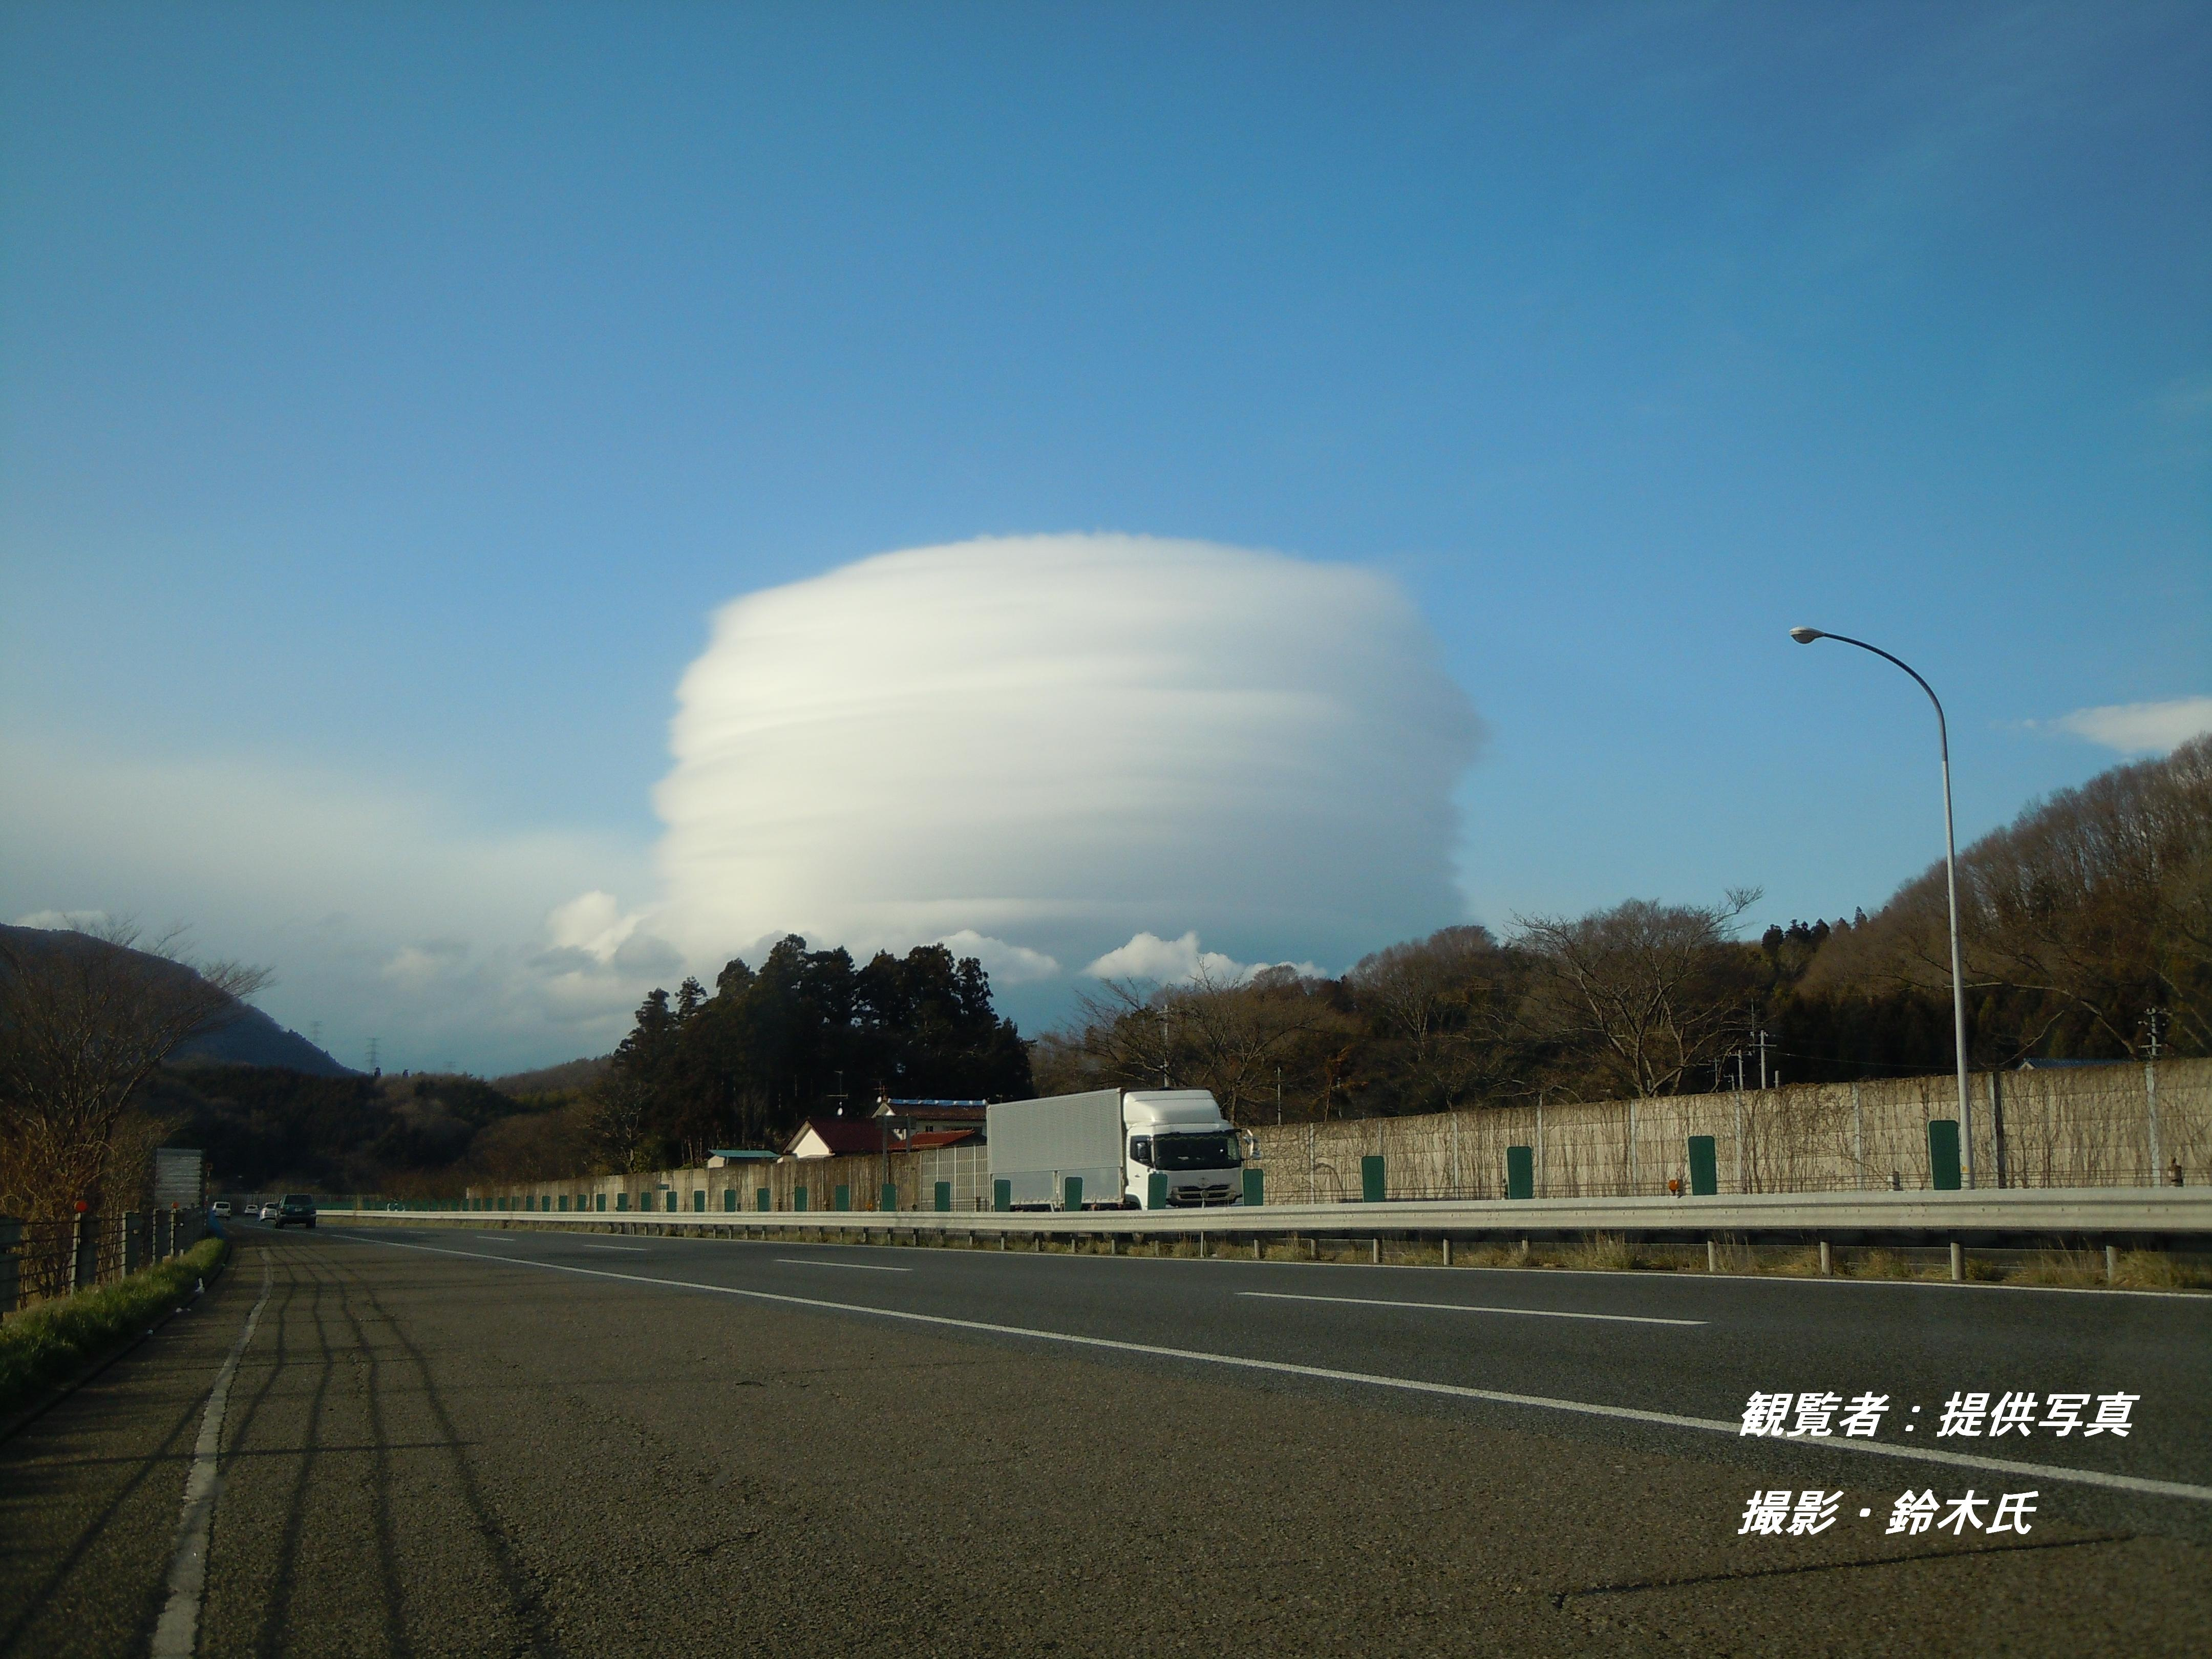 東日本大震災 地震雲?  八木山放送局Net